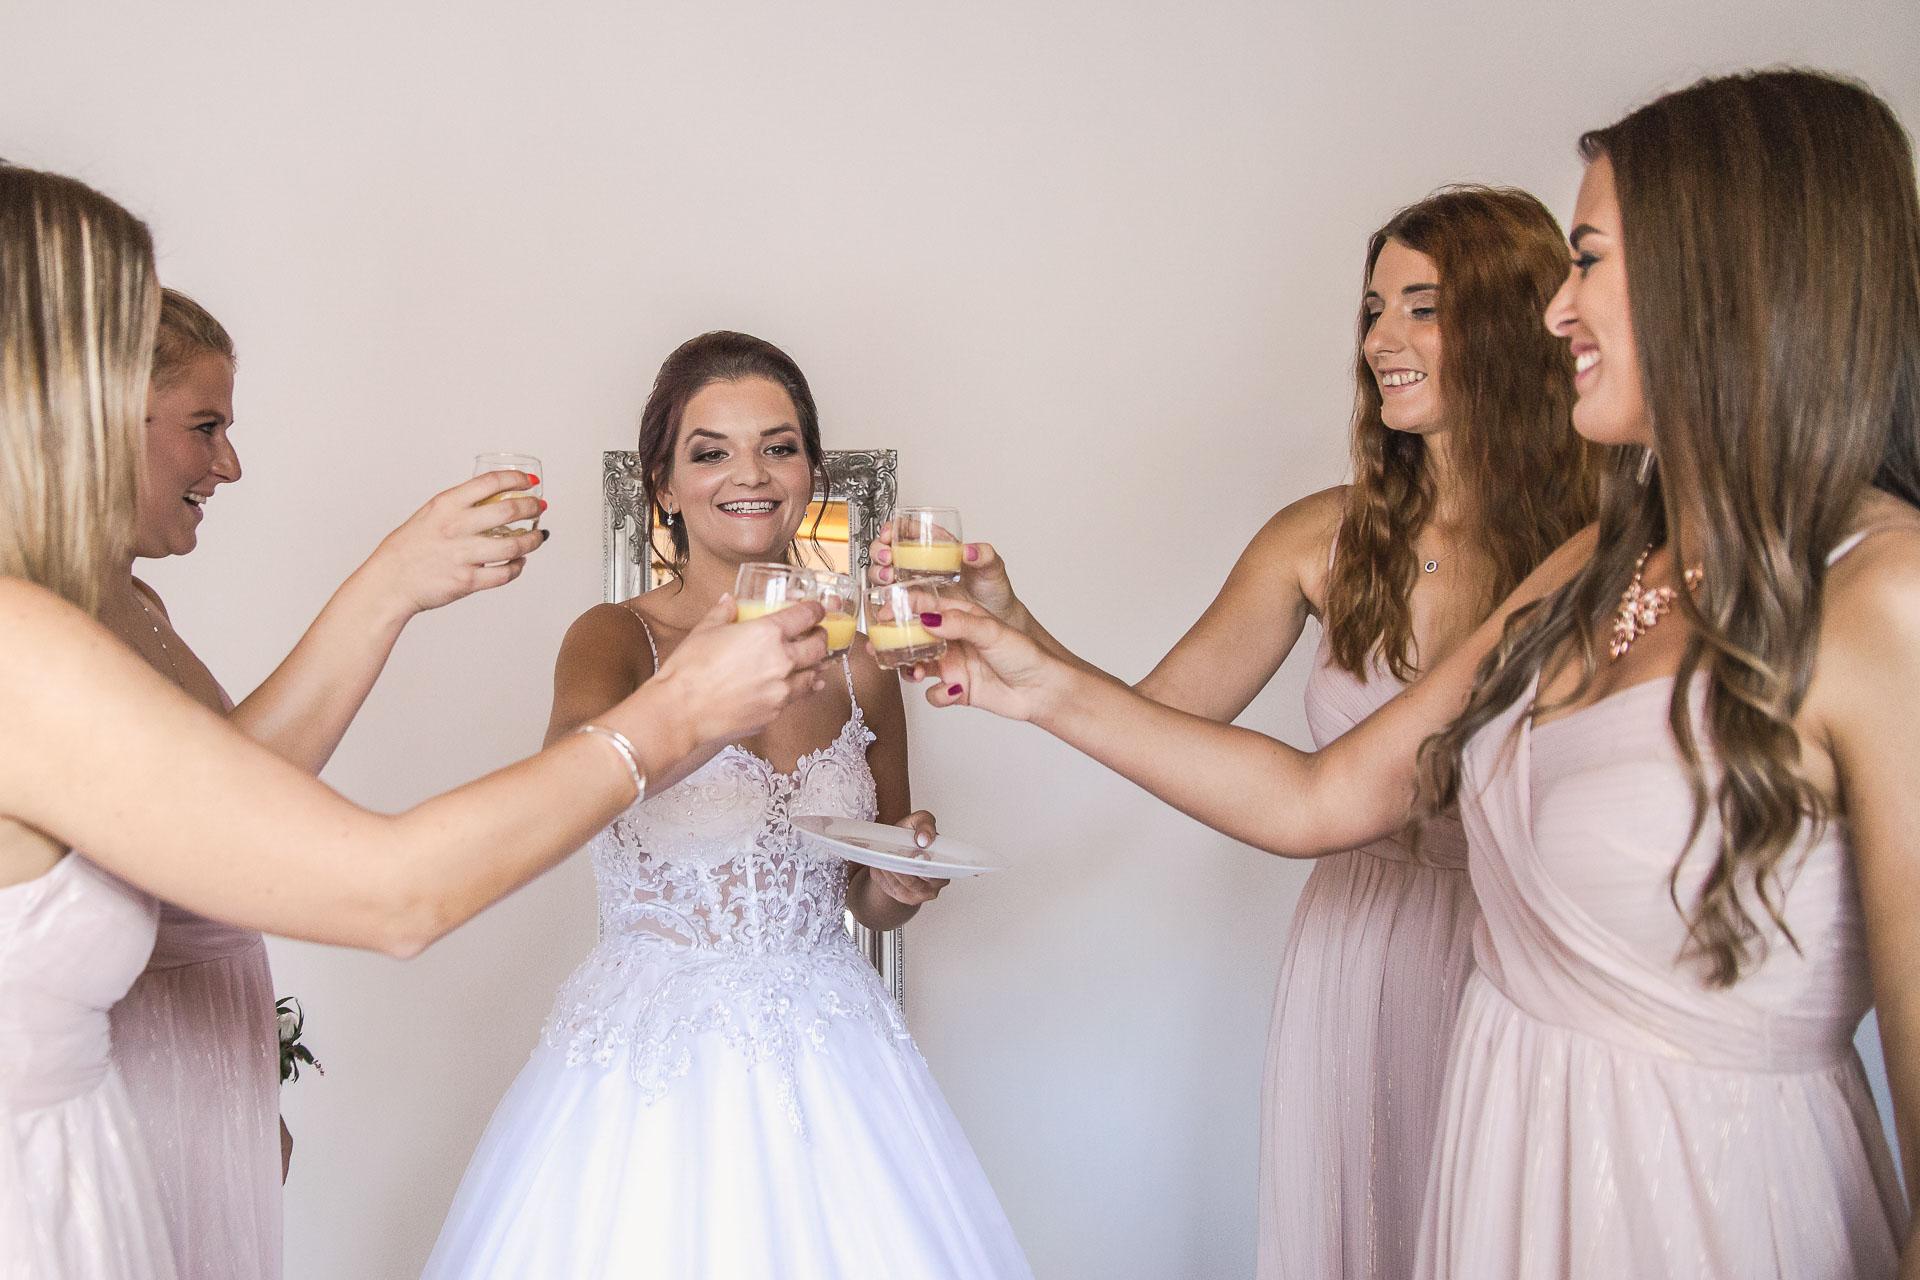 svatební-fotografie-Říp-svatební-video-ŘÍP-svatební-fotograf-ŘÍP-svatba-Mělník-svatba-Neratovice-fotograf-na-savtbu-kameraman-na-svatbu-52